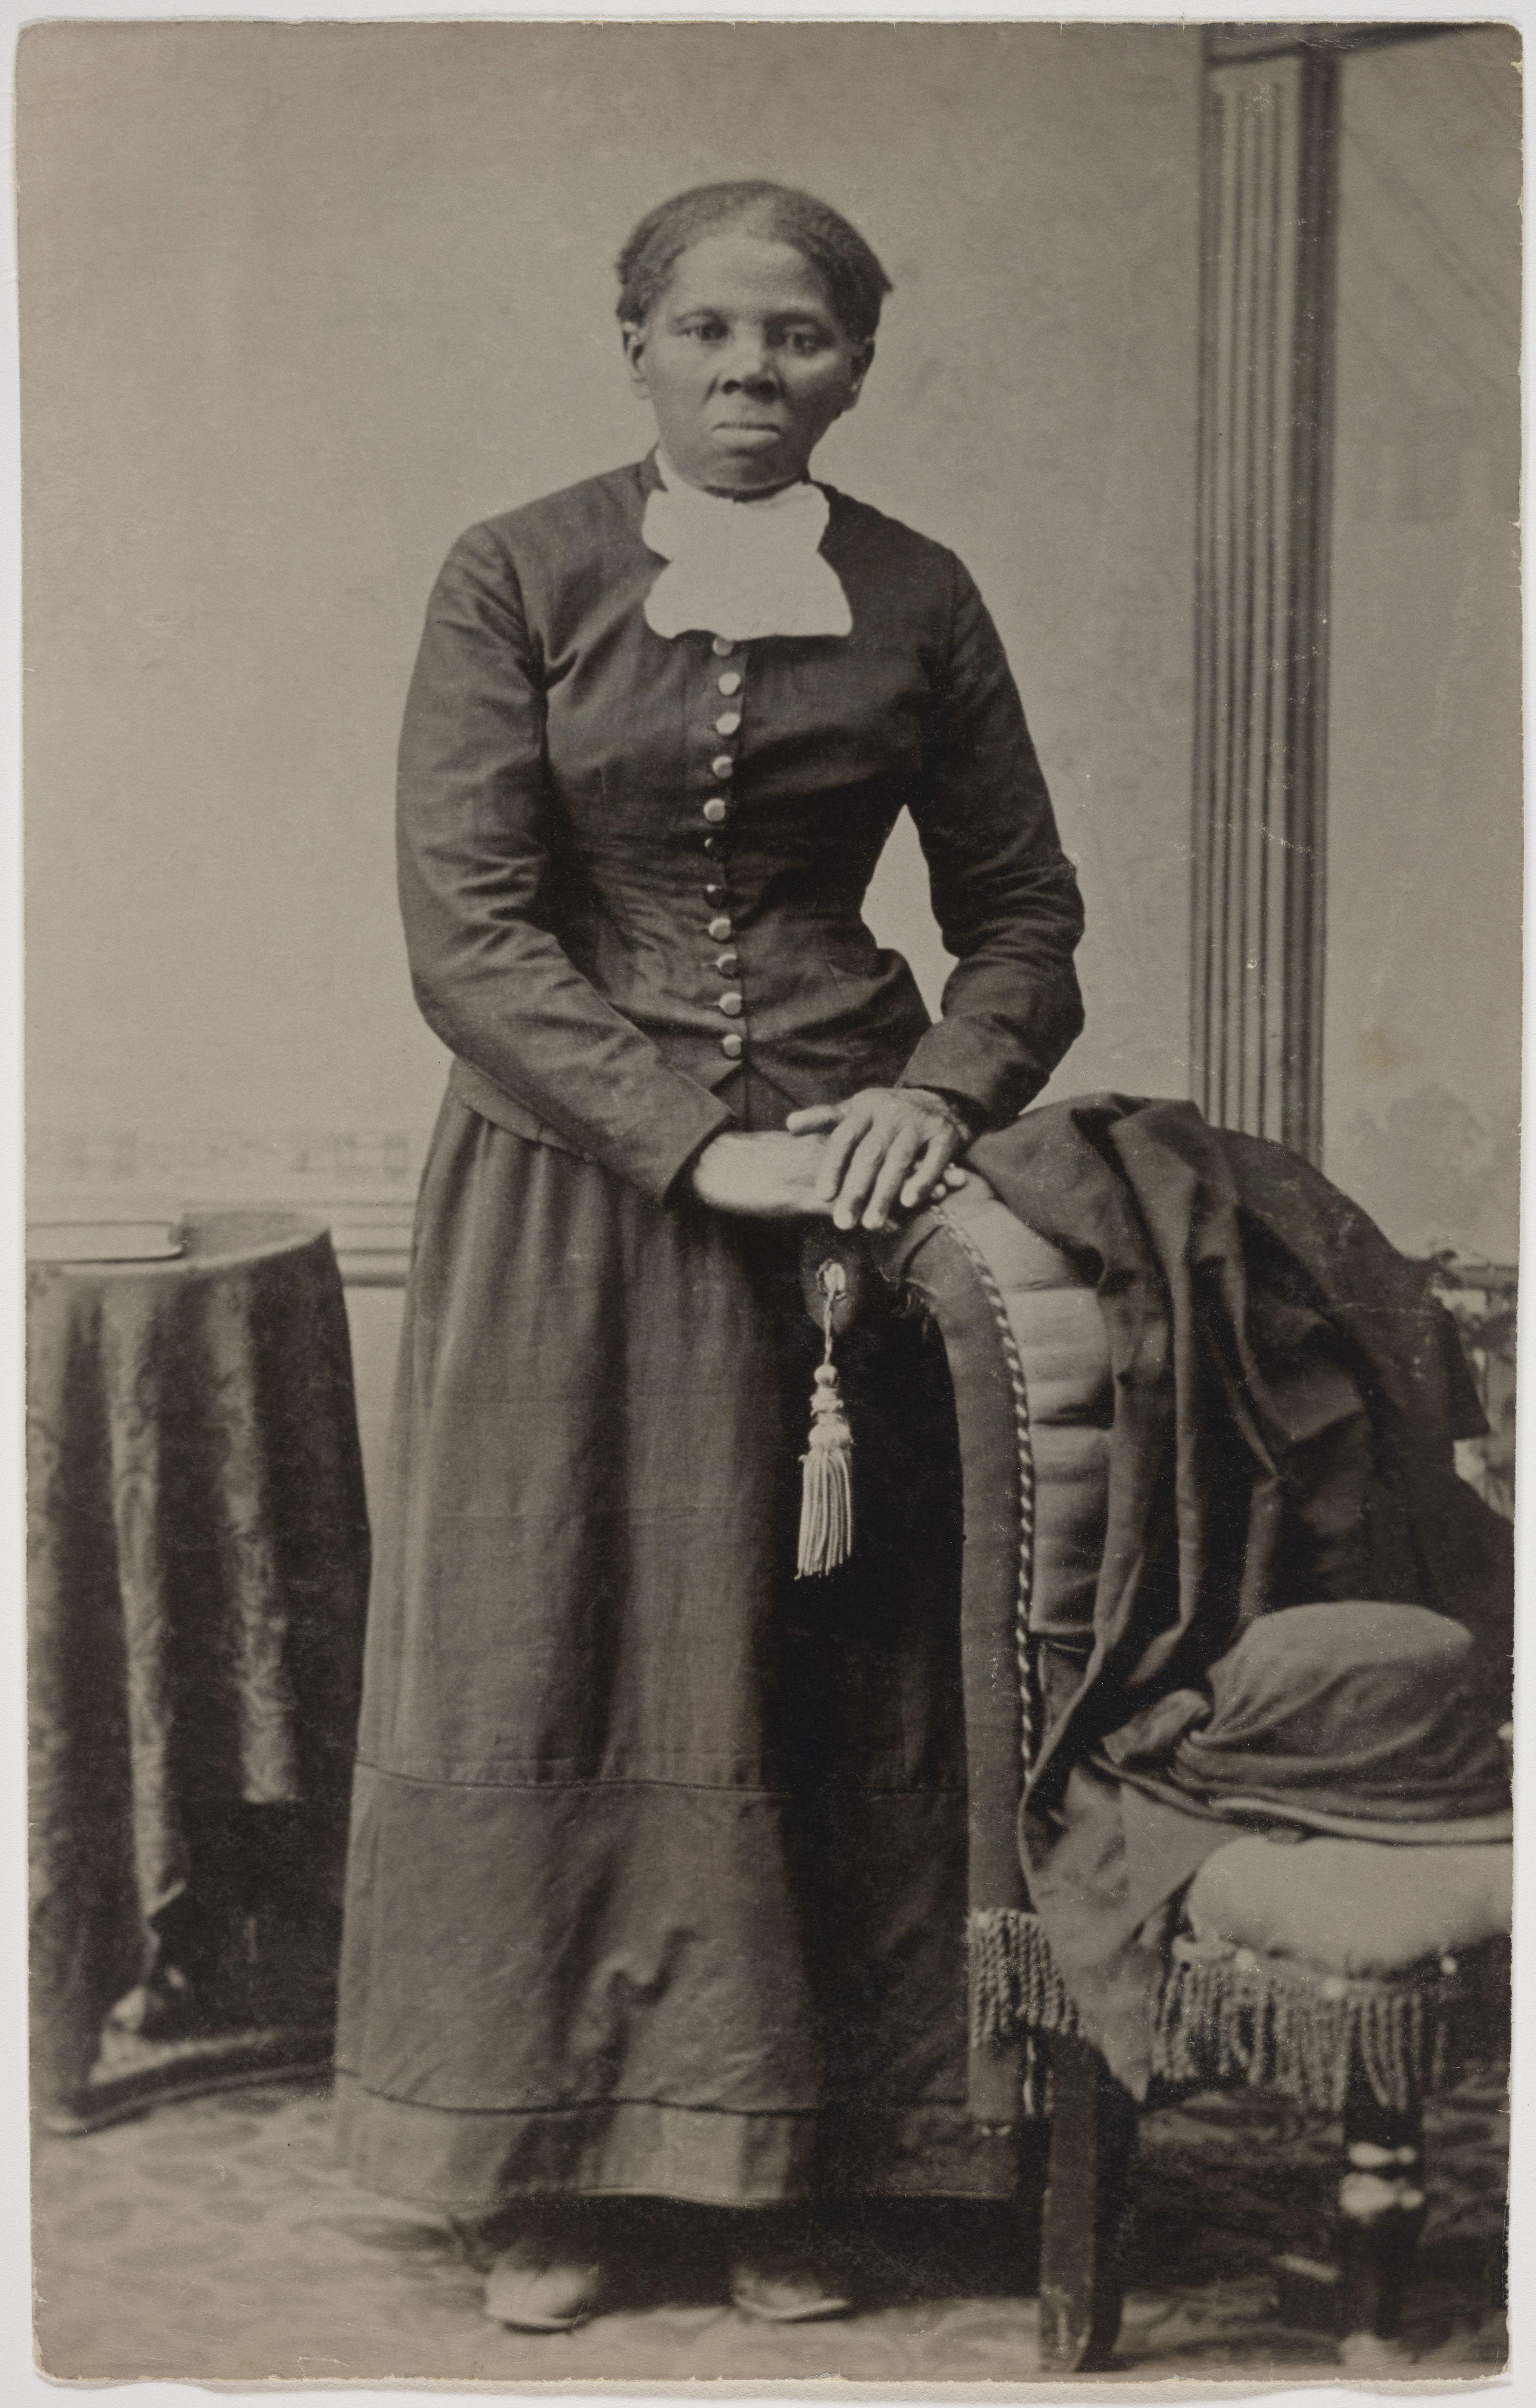 1911 New 8x10 Photo American Abolitionist and Women Suffragist Harriet Tubman